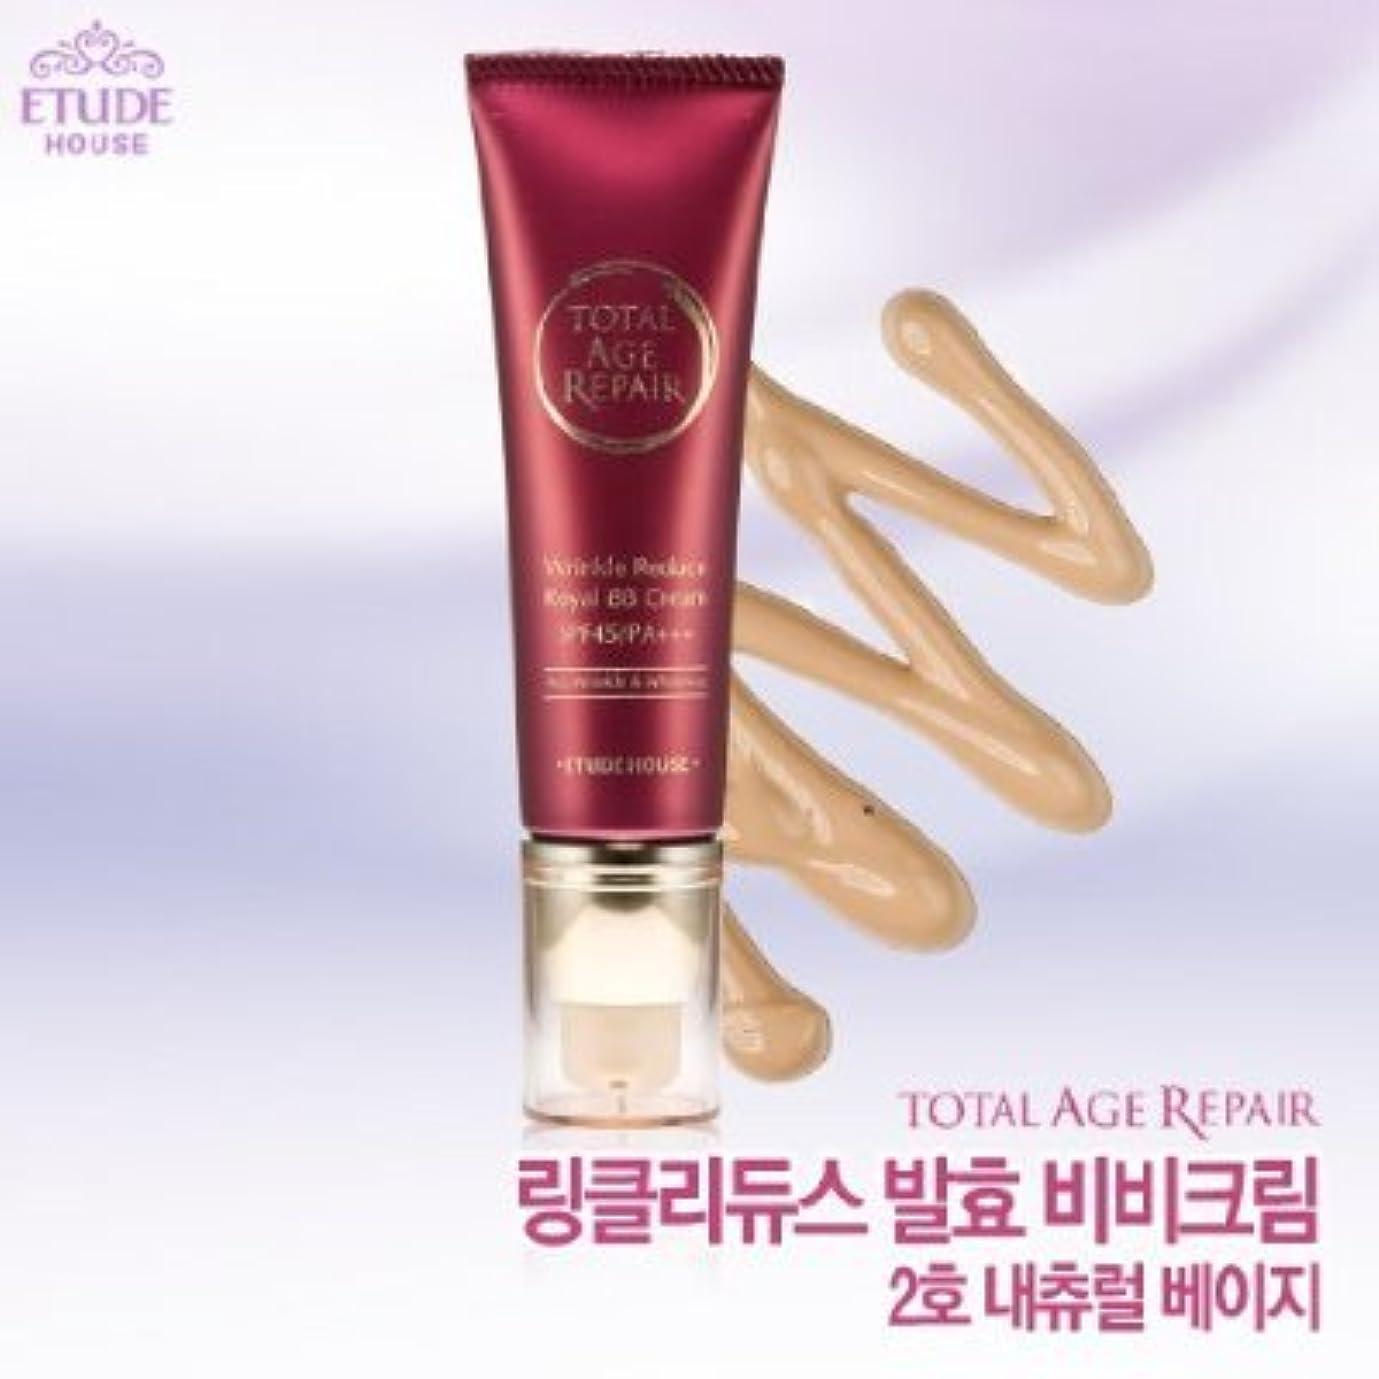 海洋ふりをする疾患Etude House Total Age Repair Wrinkle Reduce Royal BB Cream (SPF45/PA++) #2 Natural Beige